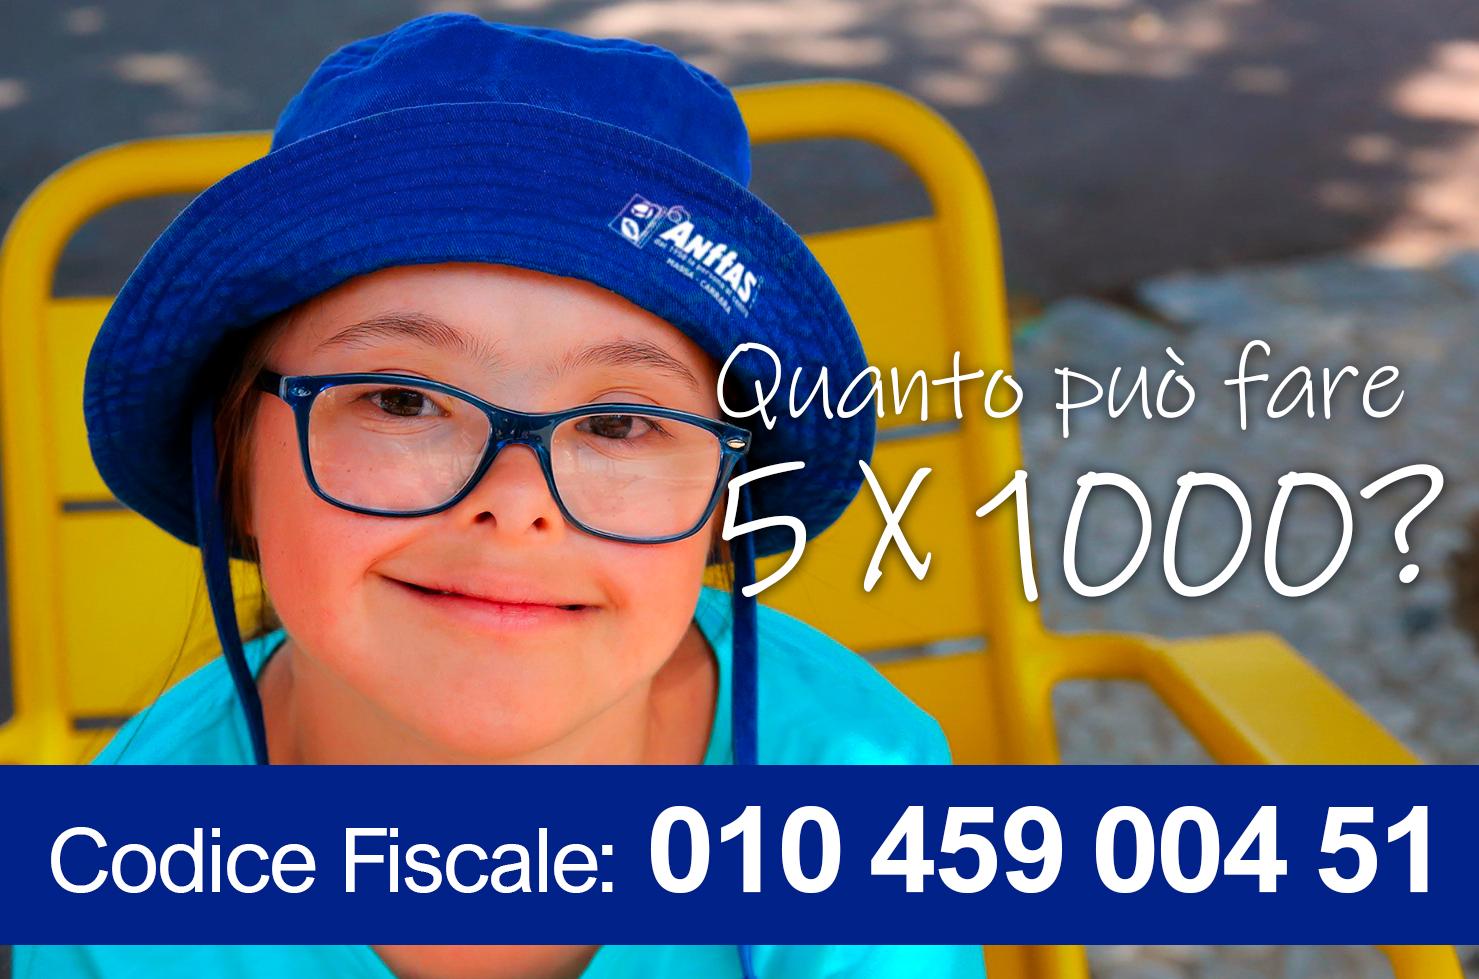 Destina il tuo 5 x 1000 a Anffas Massa Carrara